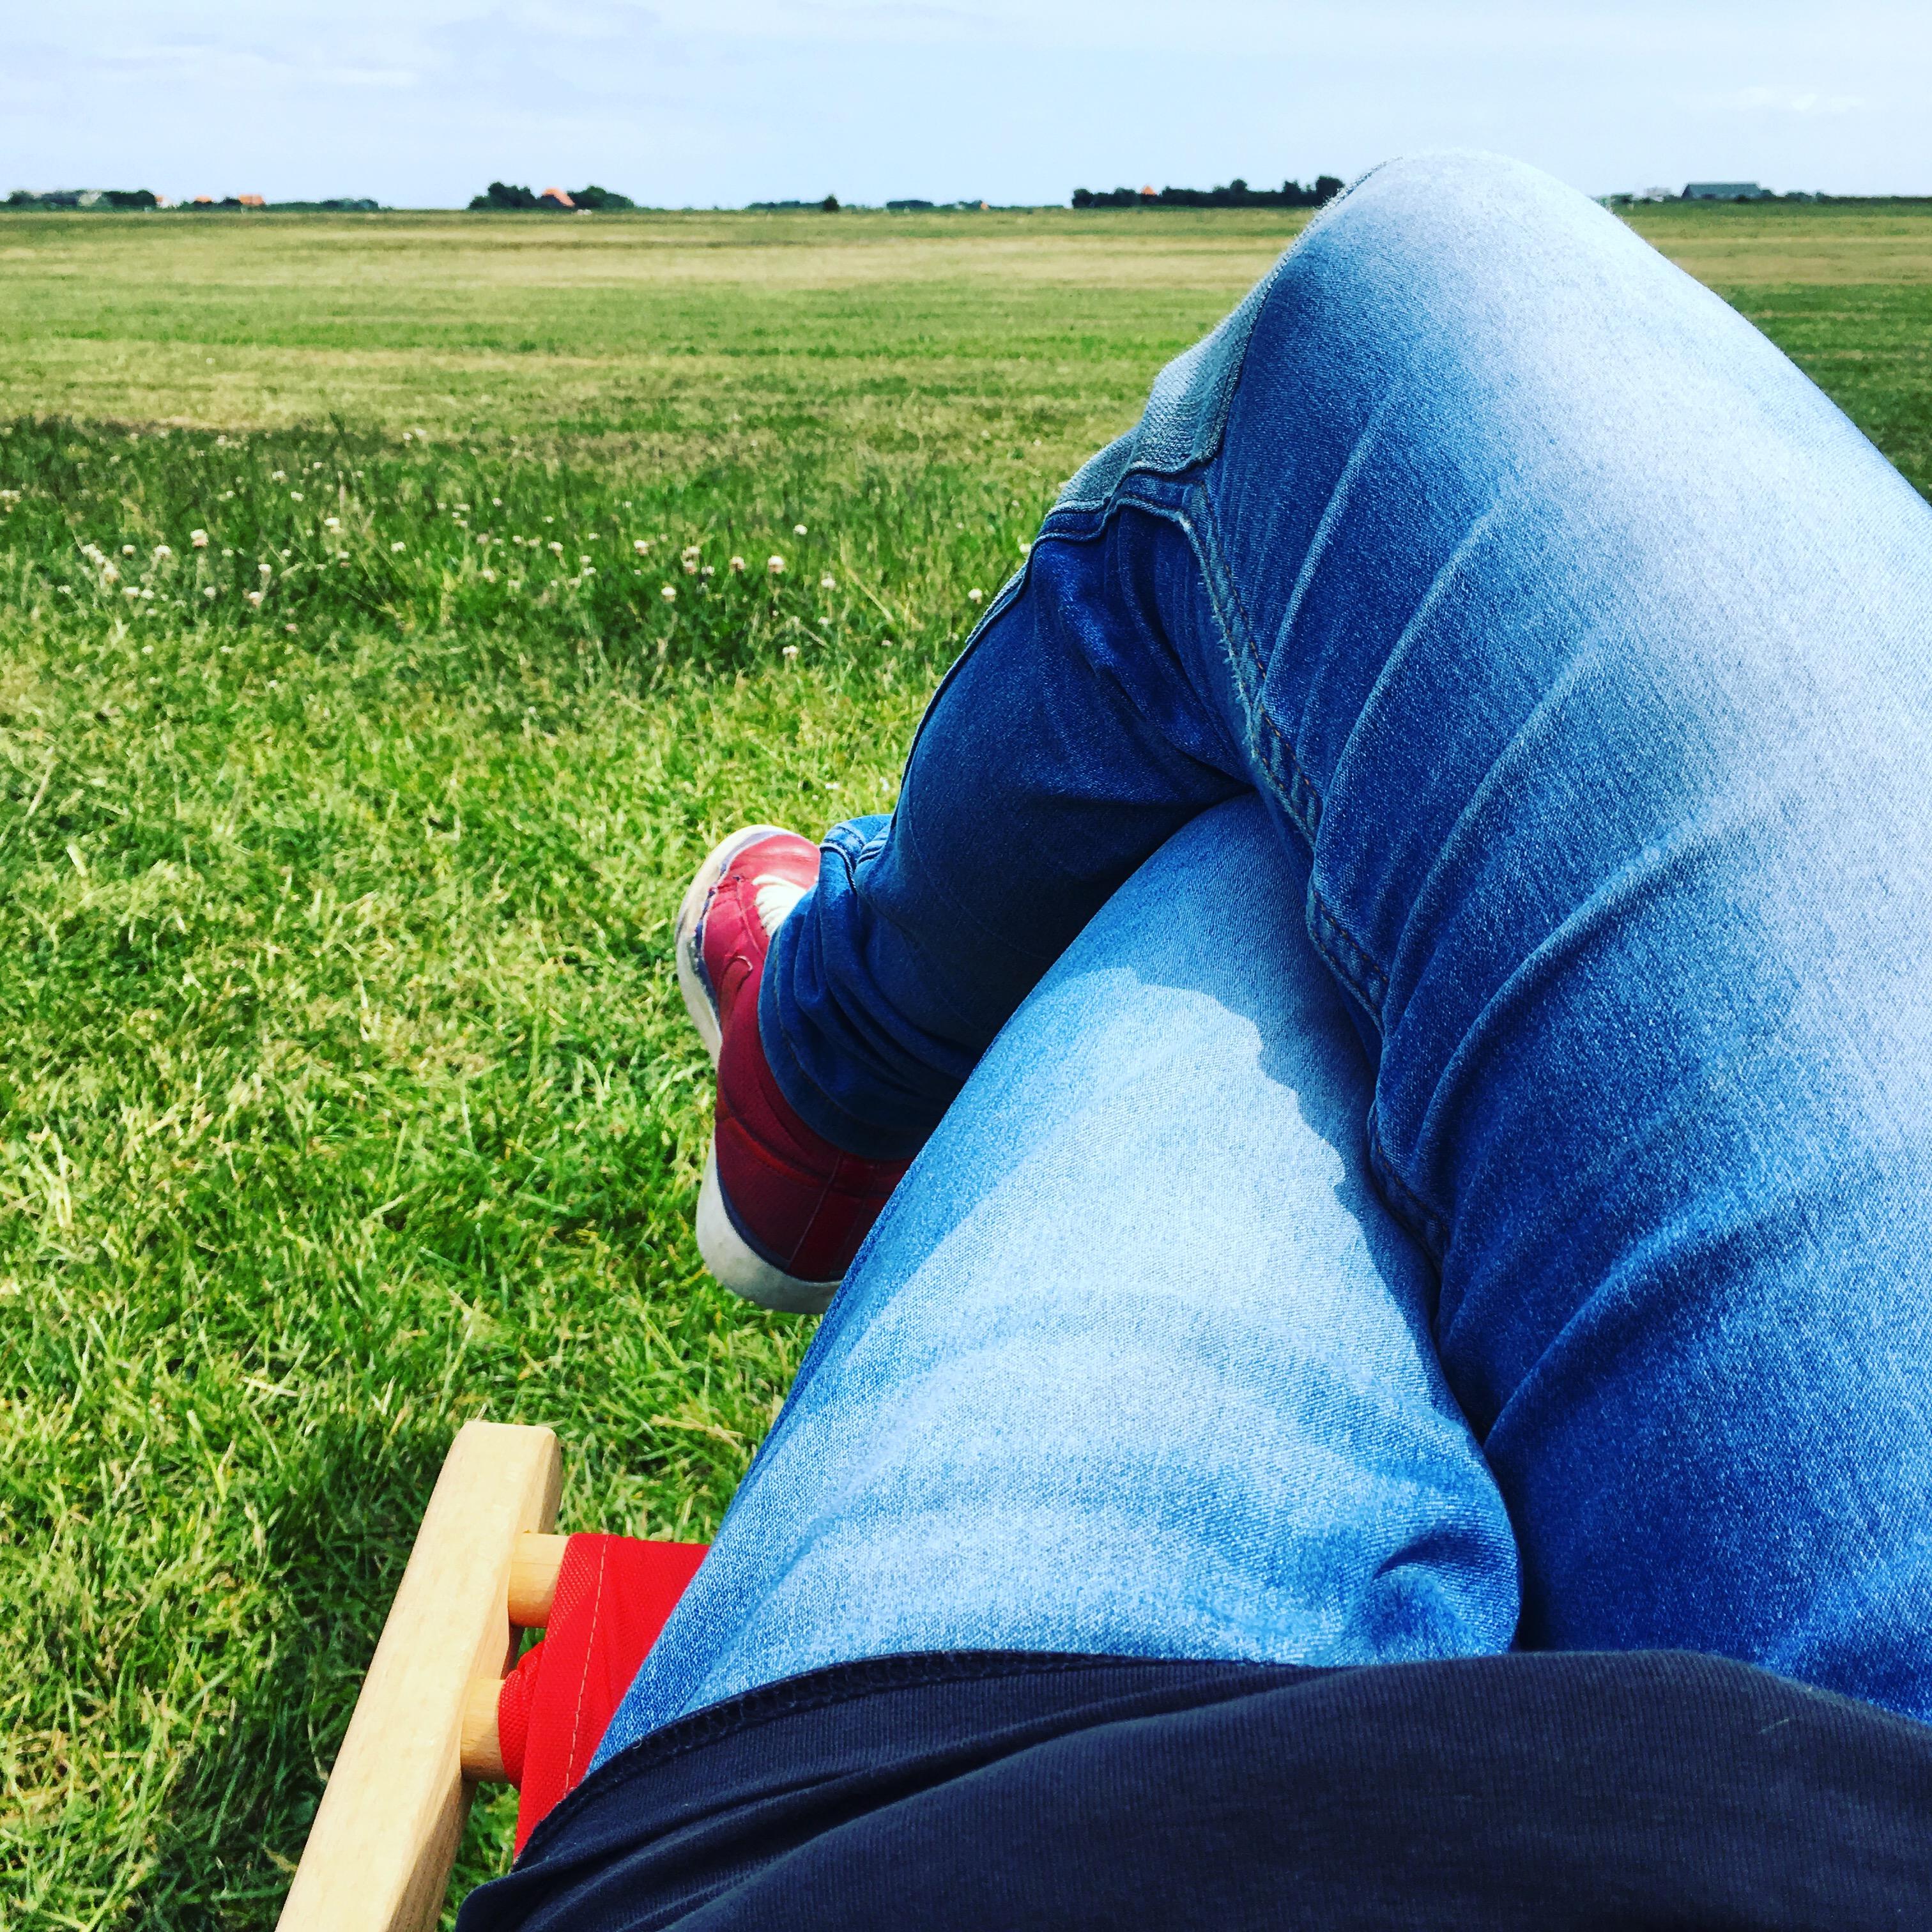 Yvonderweg - Stil - Chillen en wachten op parachutes.